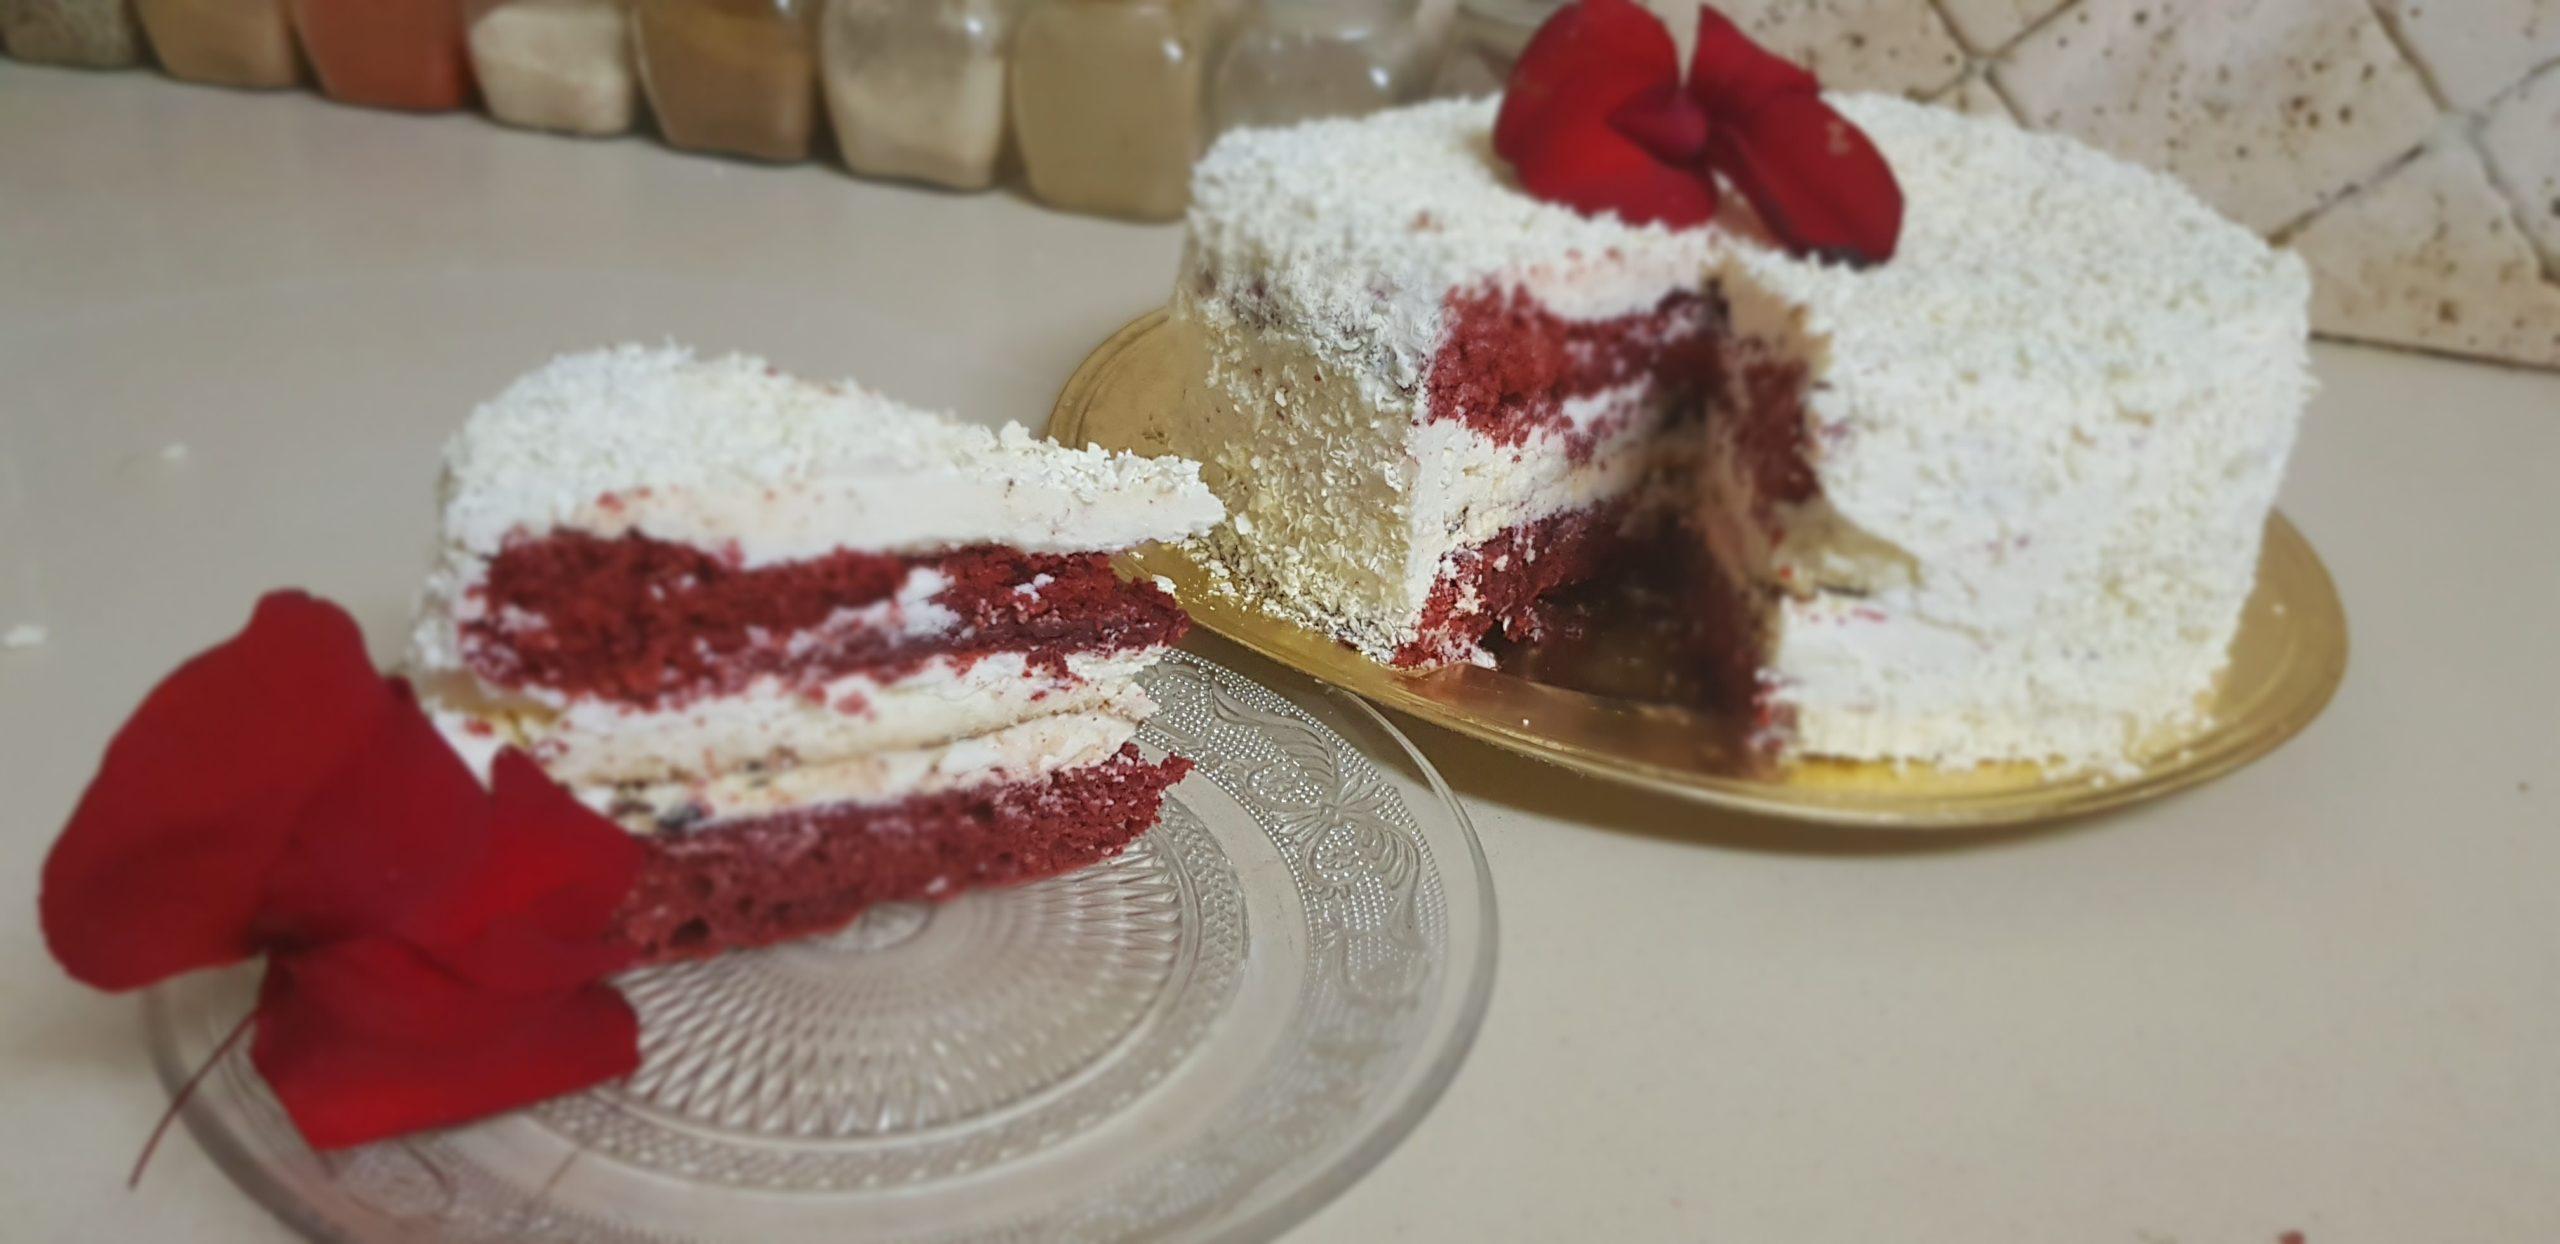 Le red velvet cake, ou gâteau rouge velours d'origine américaine